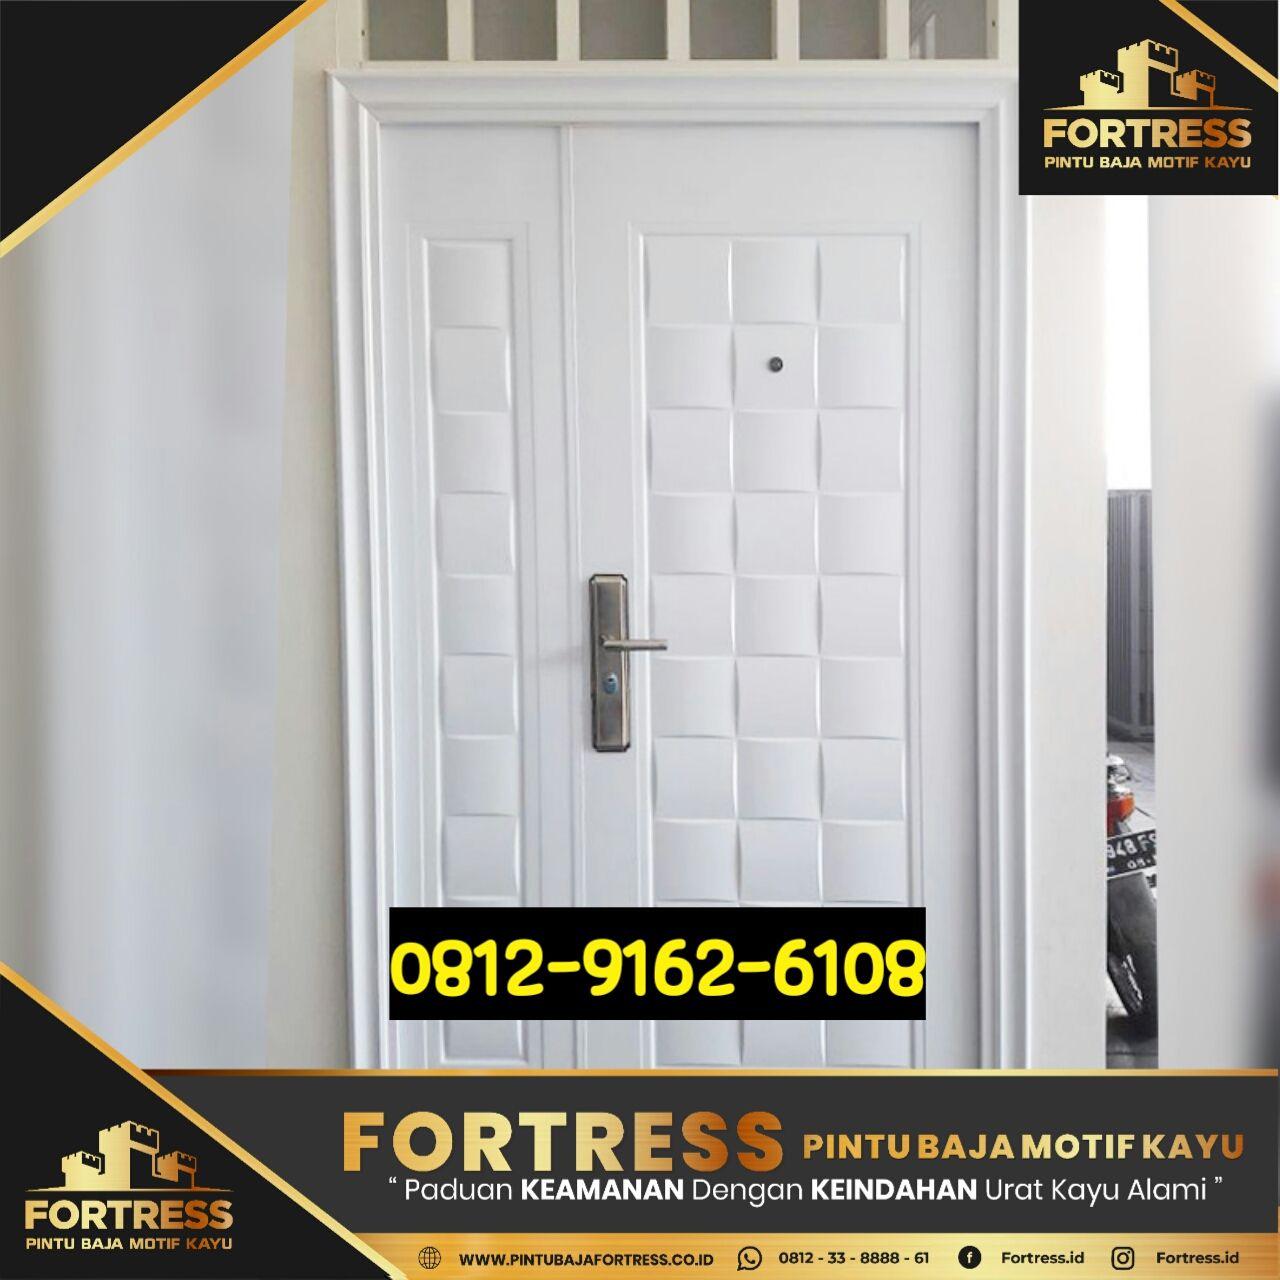 0812-9162-6105 (FOTRESS), minimalist steel house door, frame …